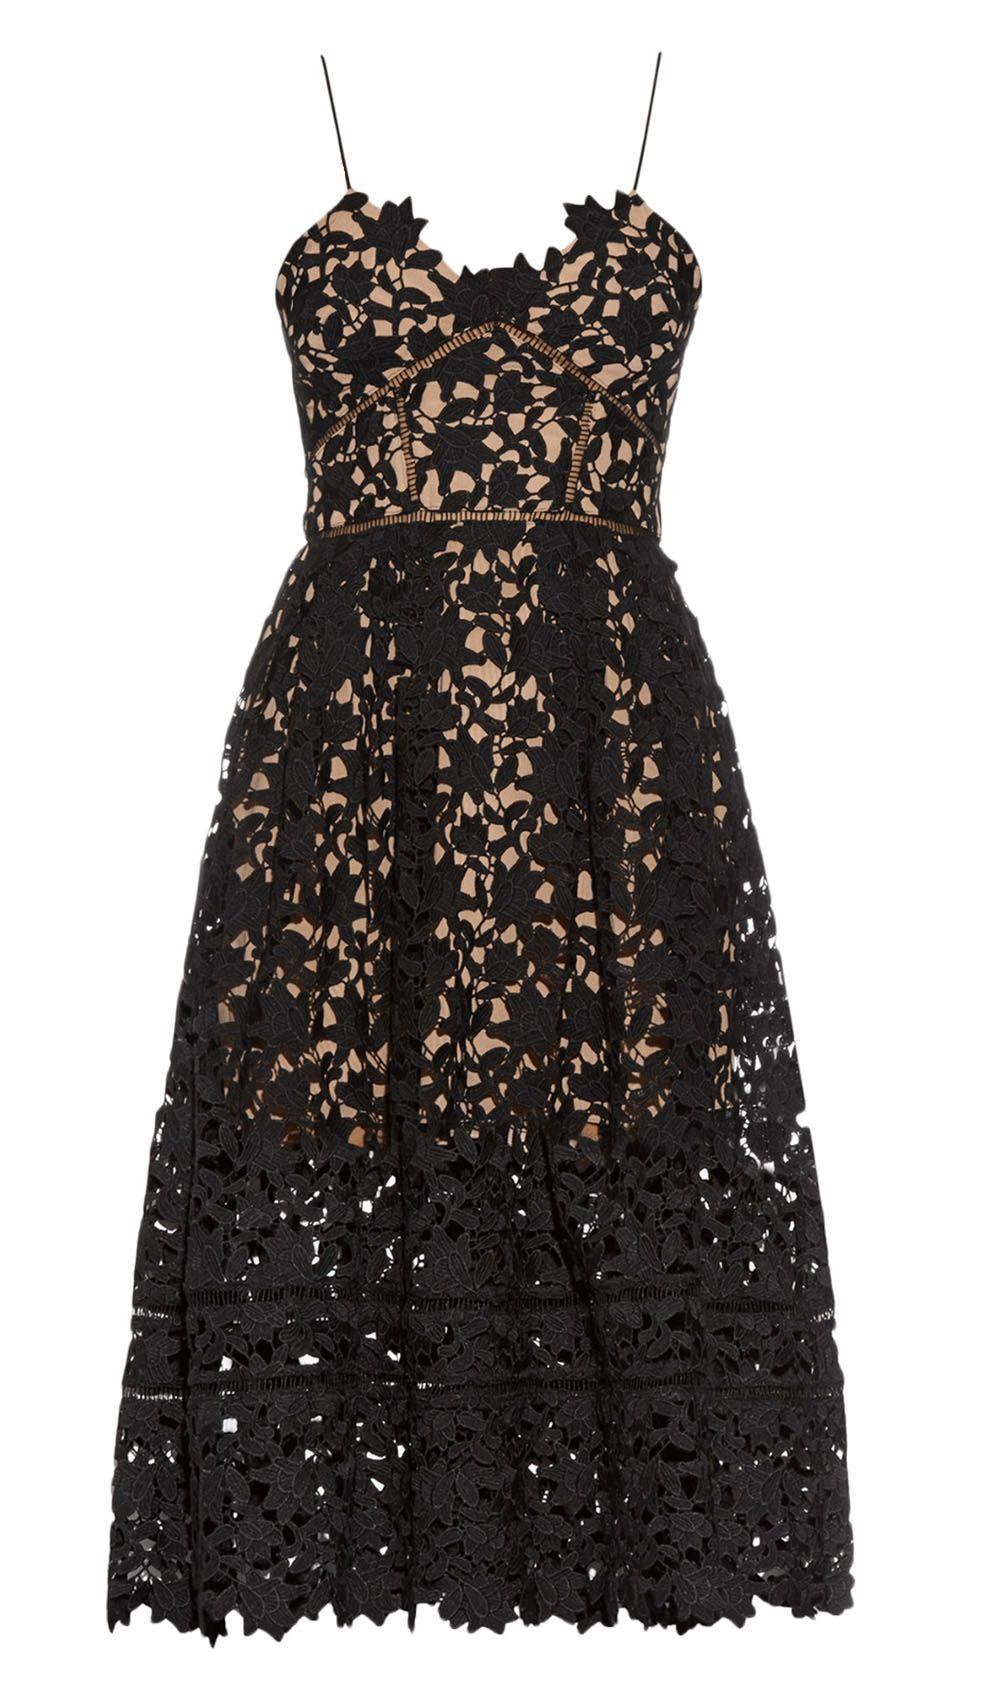 15 Einfach Abendkleid Verleih StylishAbend Genial Abendkleid Verleih Galerie